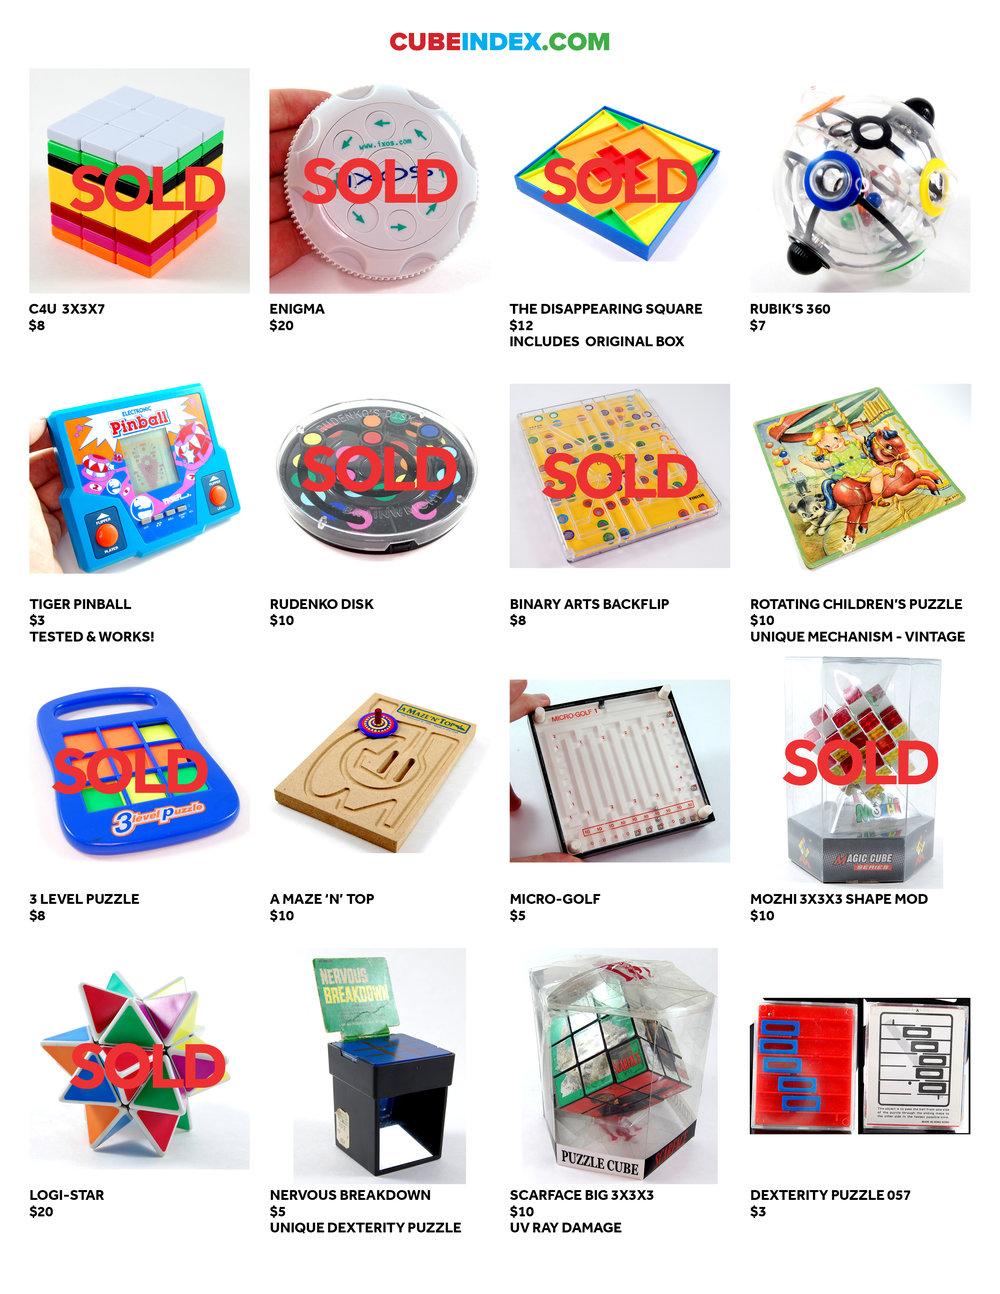 cube-index-for-sale-catalog-april-2017-v523.jpg